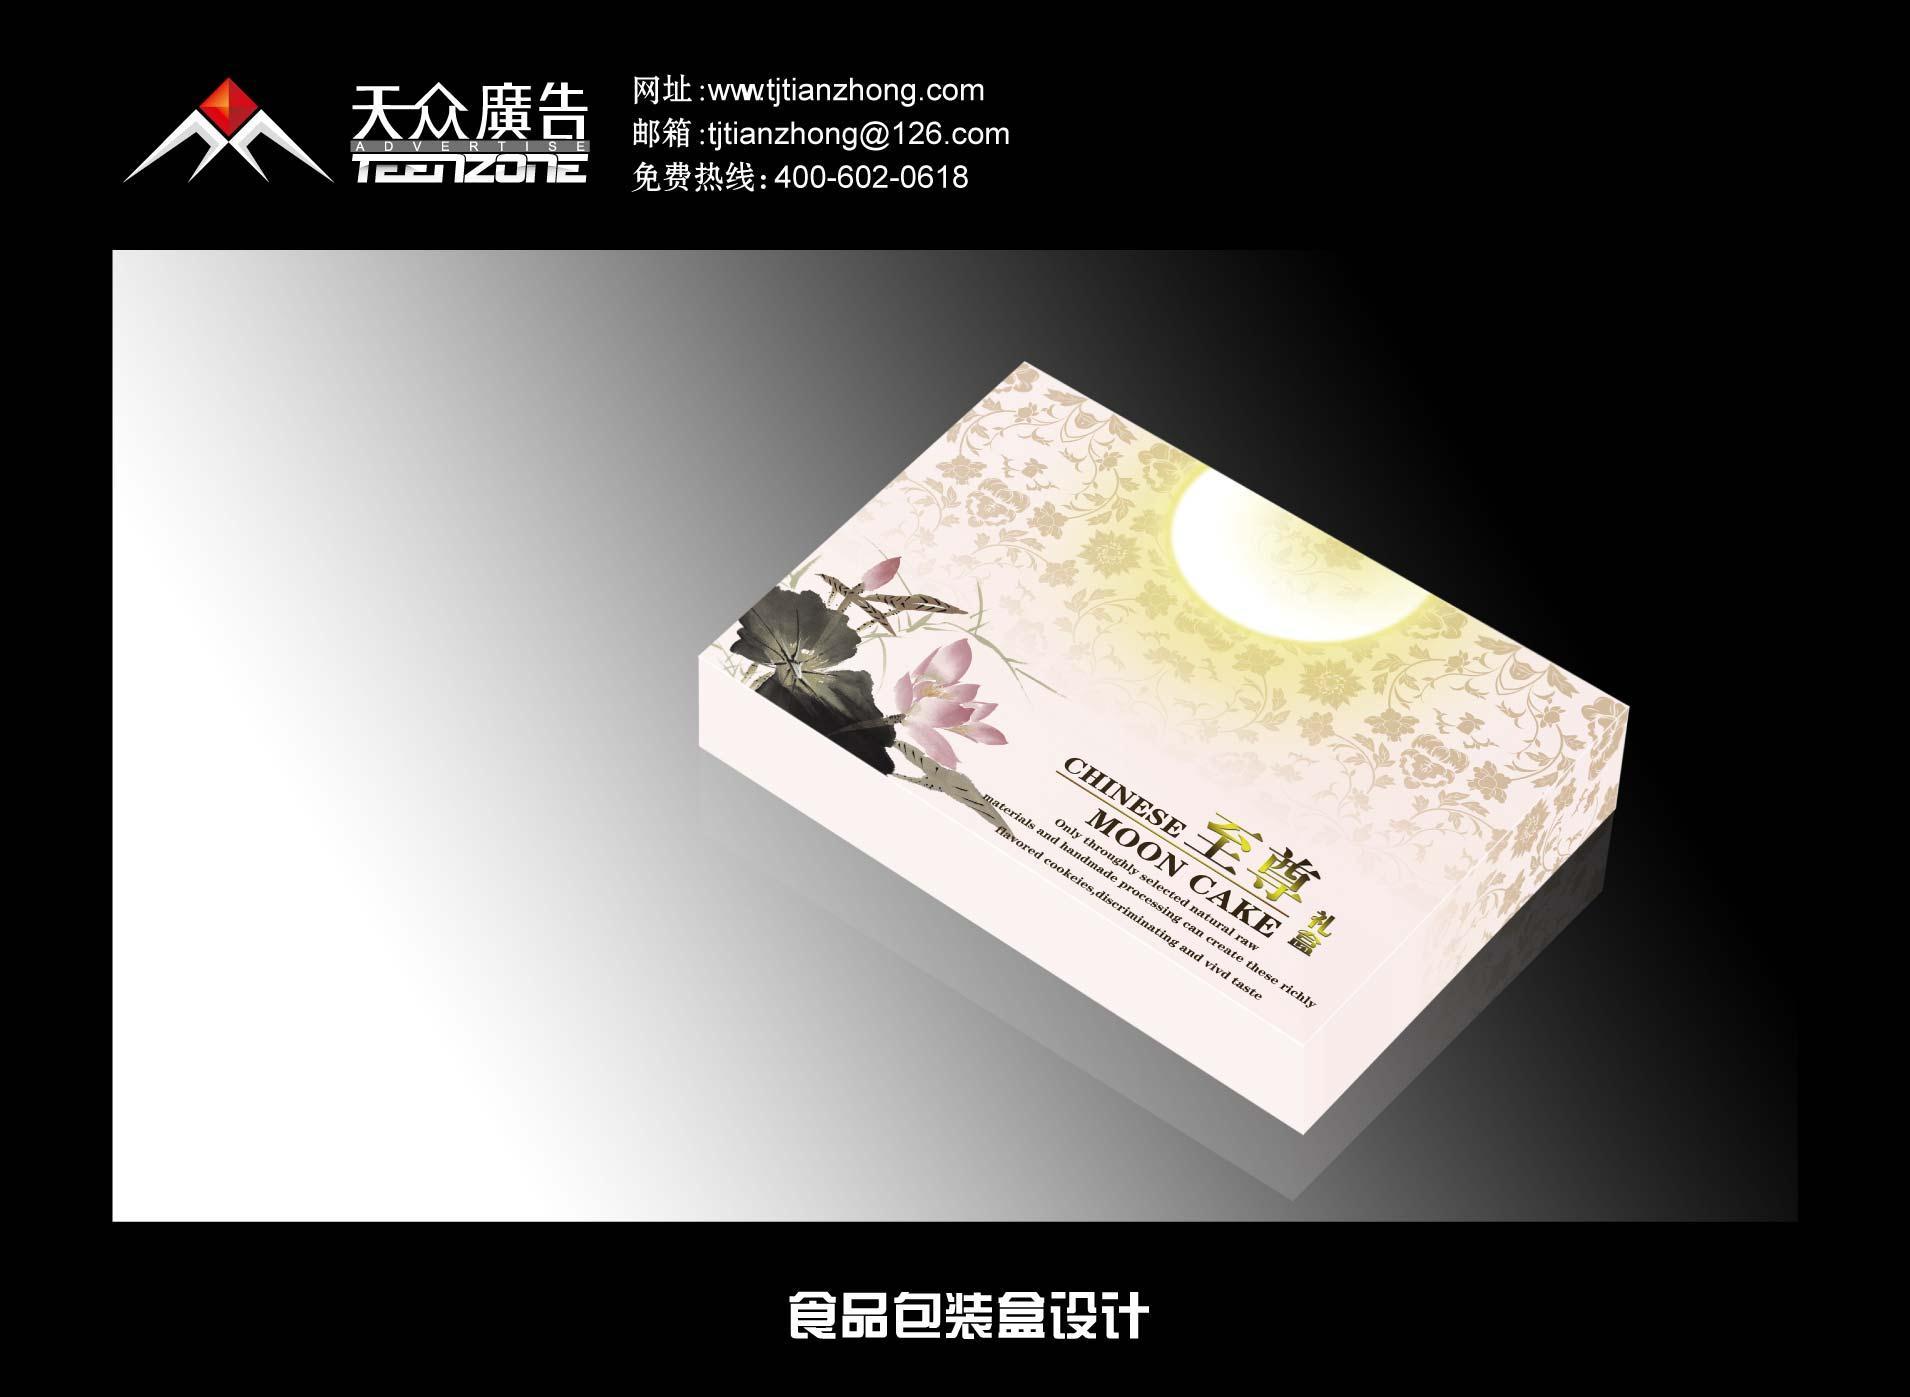 ...意设计天津标志设计,天津VI设计,天津画册设计,天津包装设计,